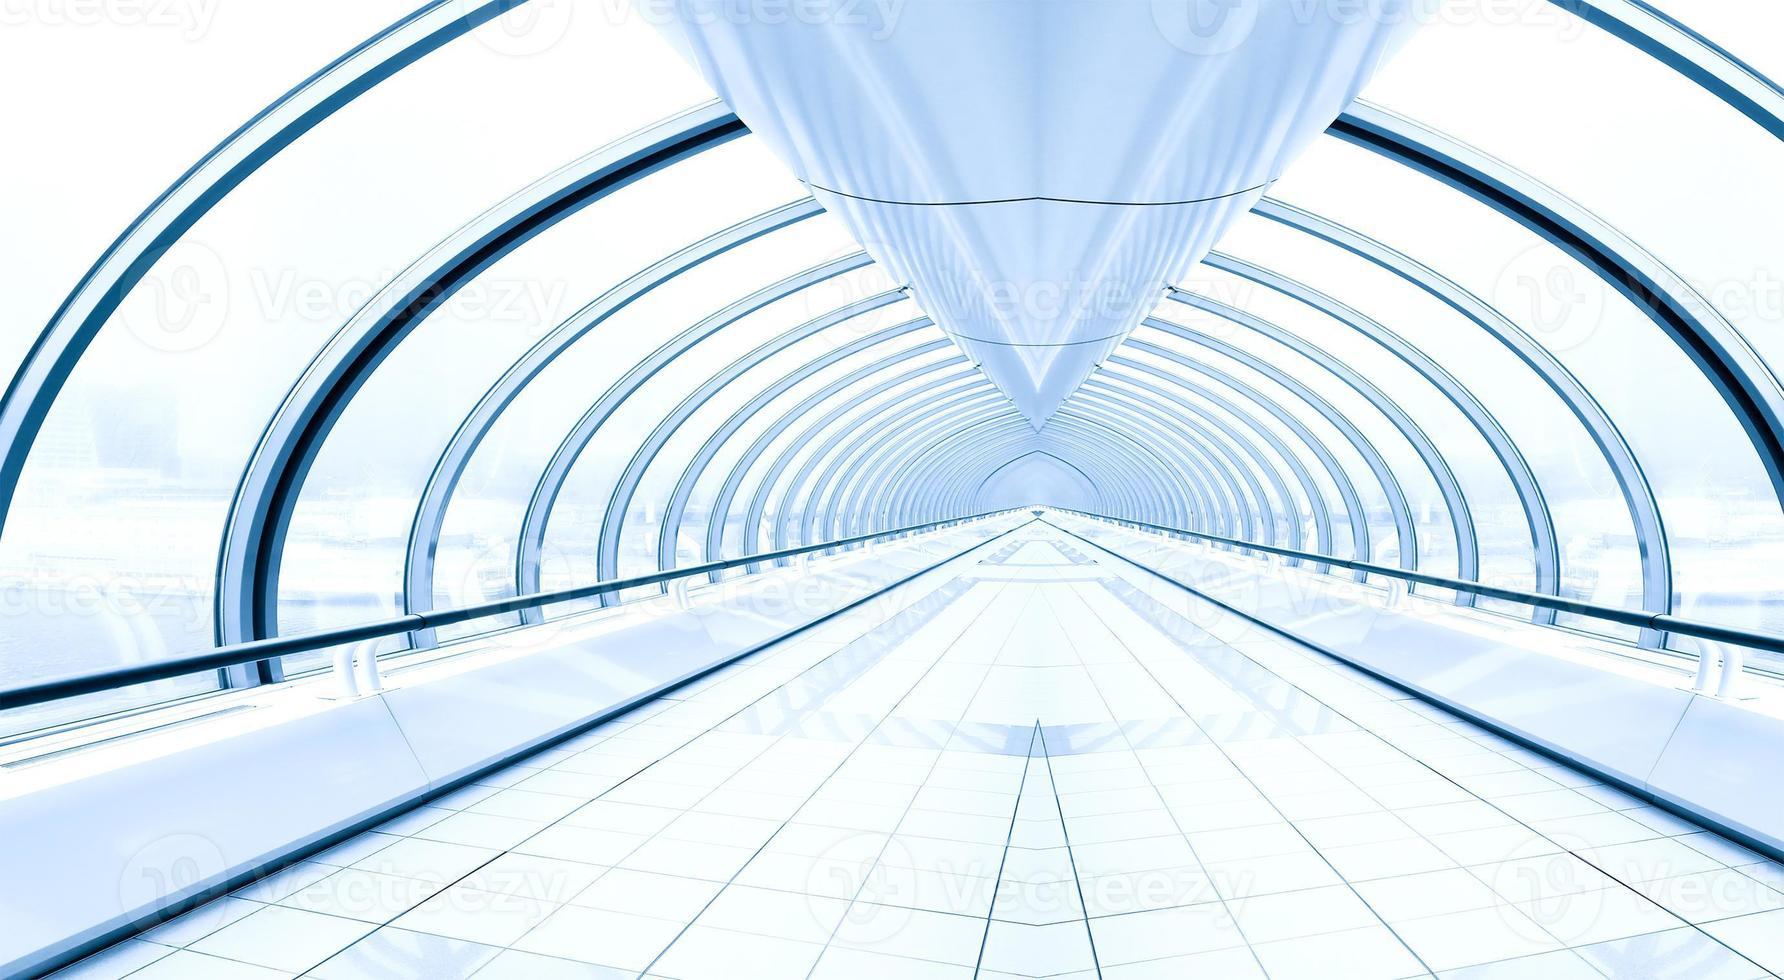 corredor de diminuição de luz bonita dentro do aeroporto moderno foto